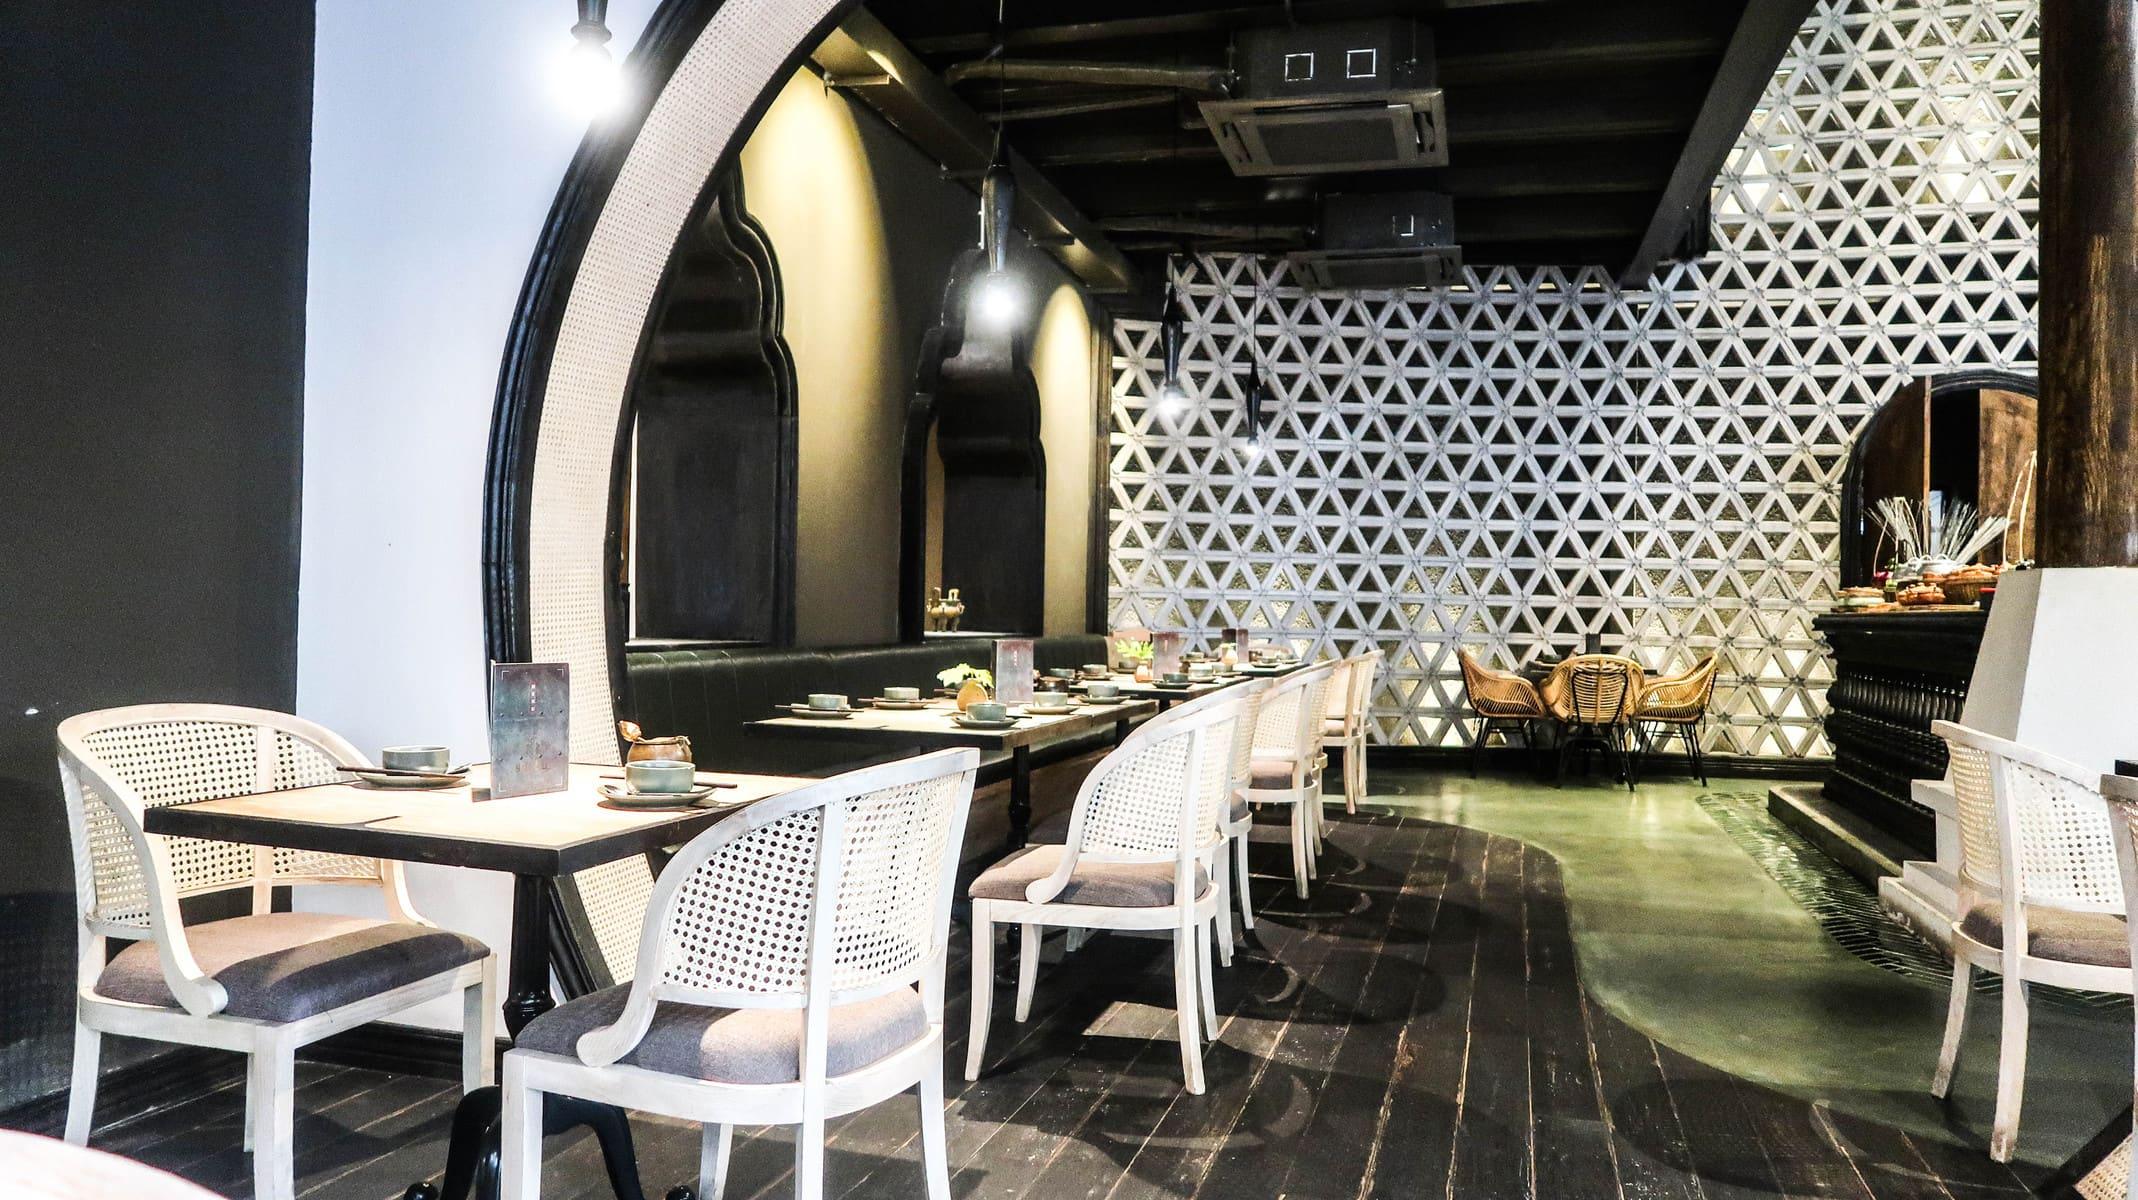 Sadhu vegetarian restaurant hanoi